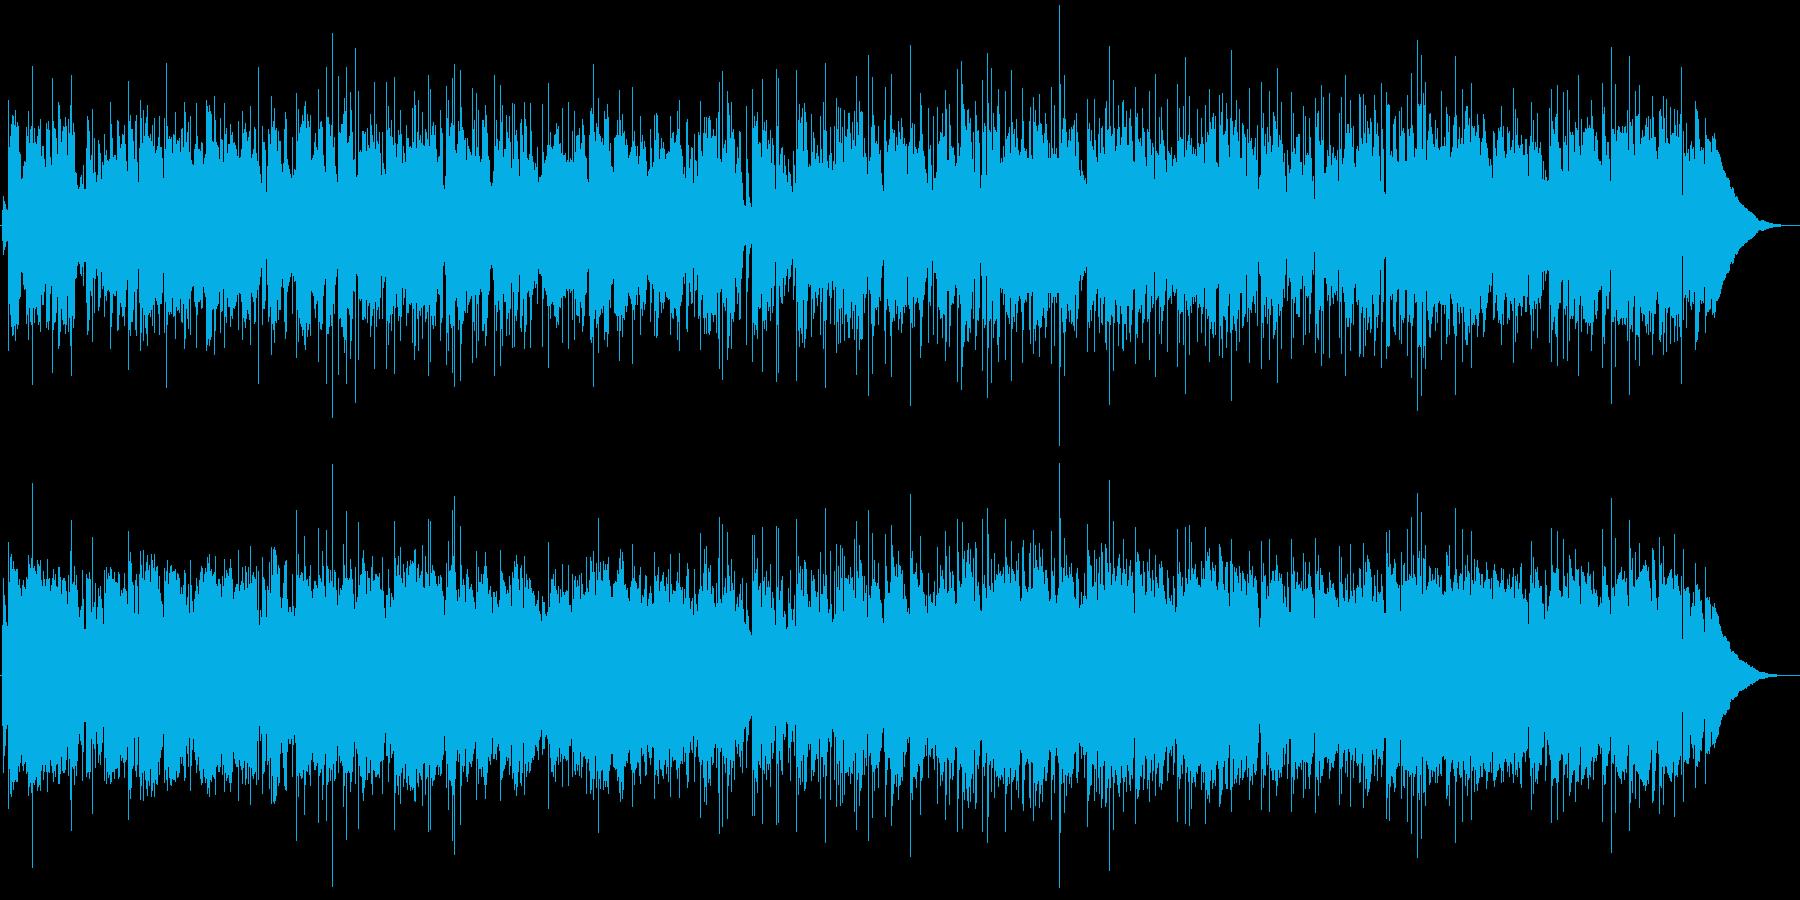 ケンタッキーの我が家 (guitar)の再生済みの波形